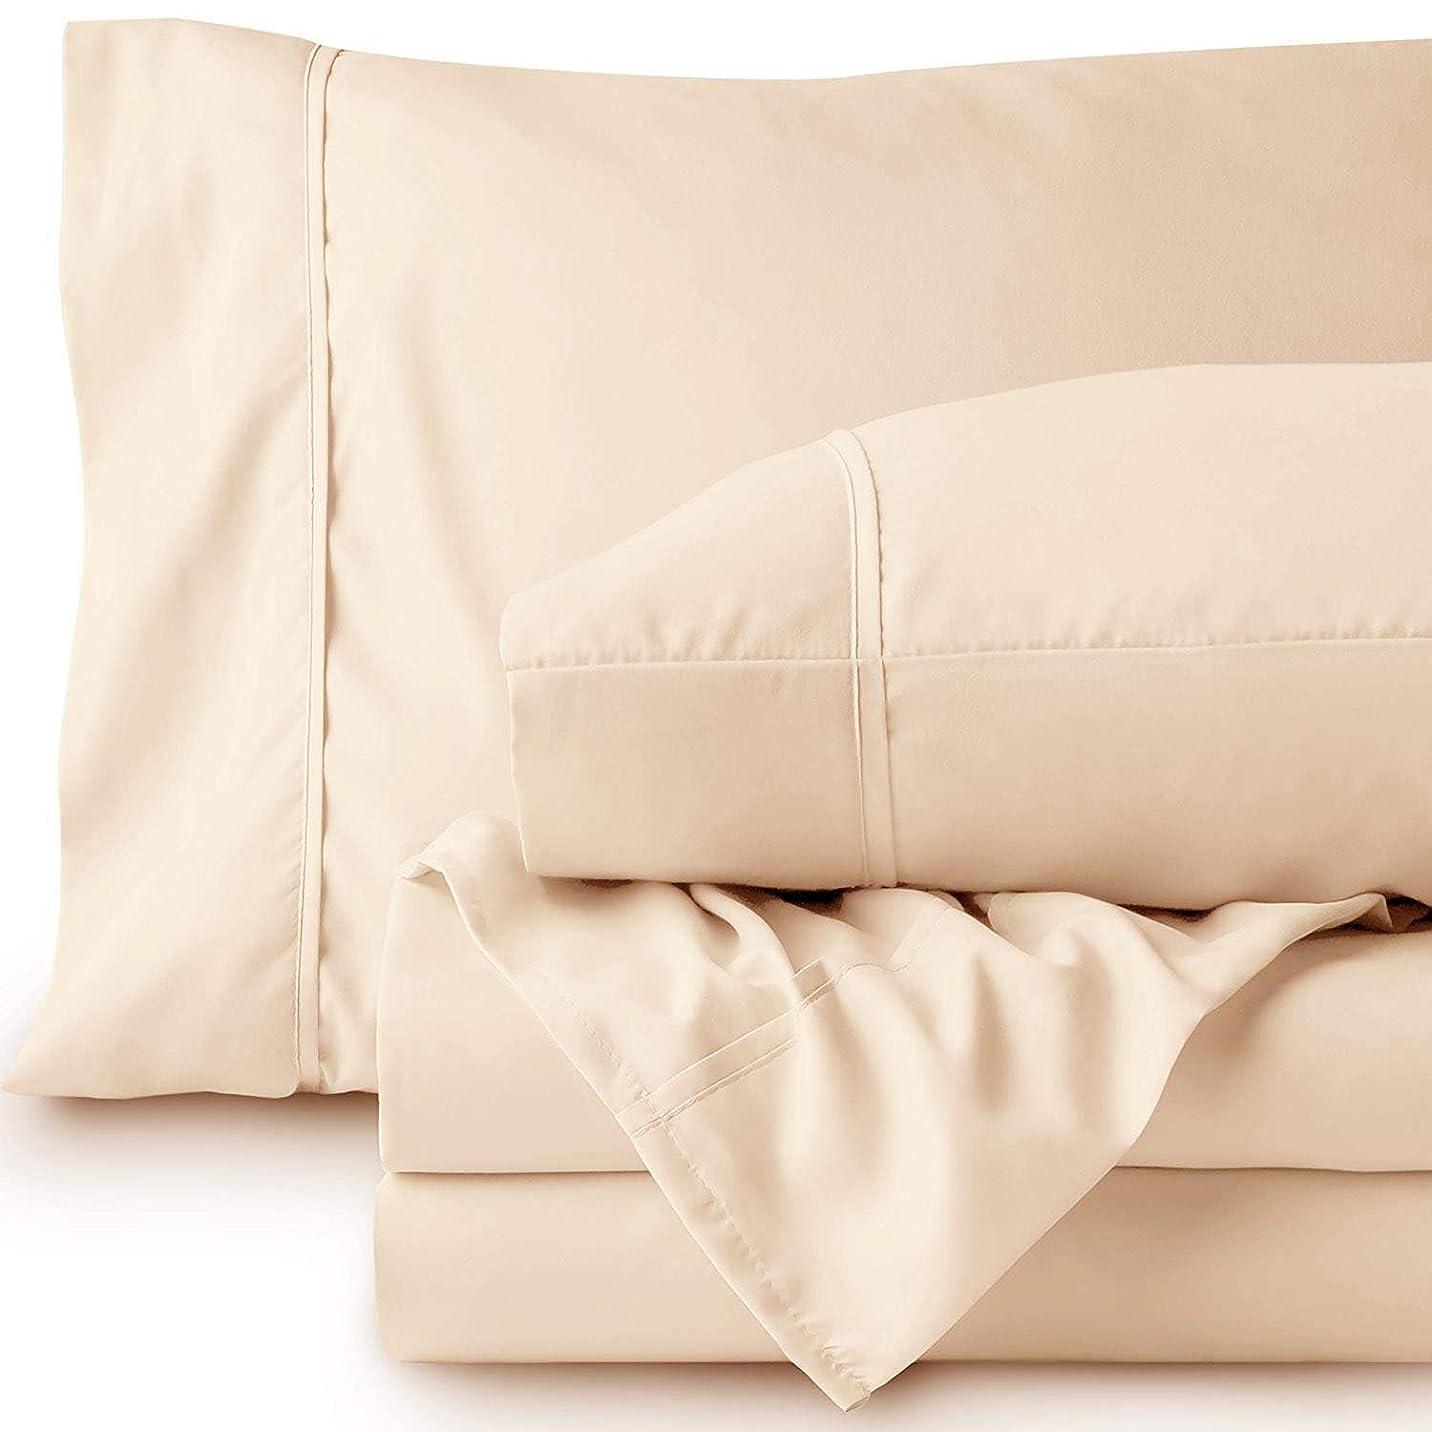 するだろうお互い派生するlinenwalas 800tcピュアコットンシート, Cushion and Pillow Covers, ベージュ